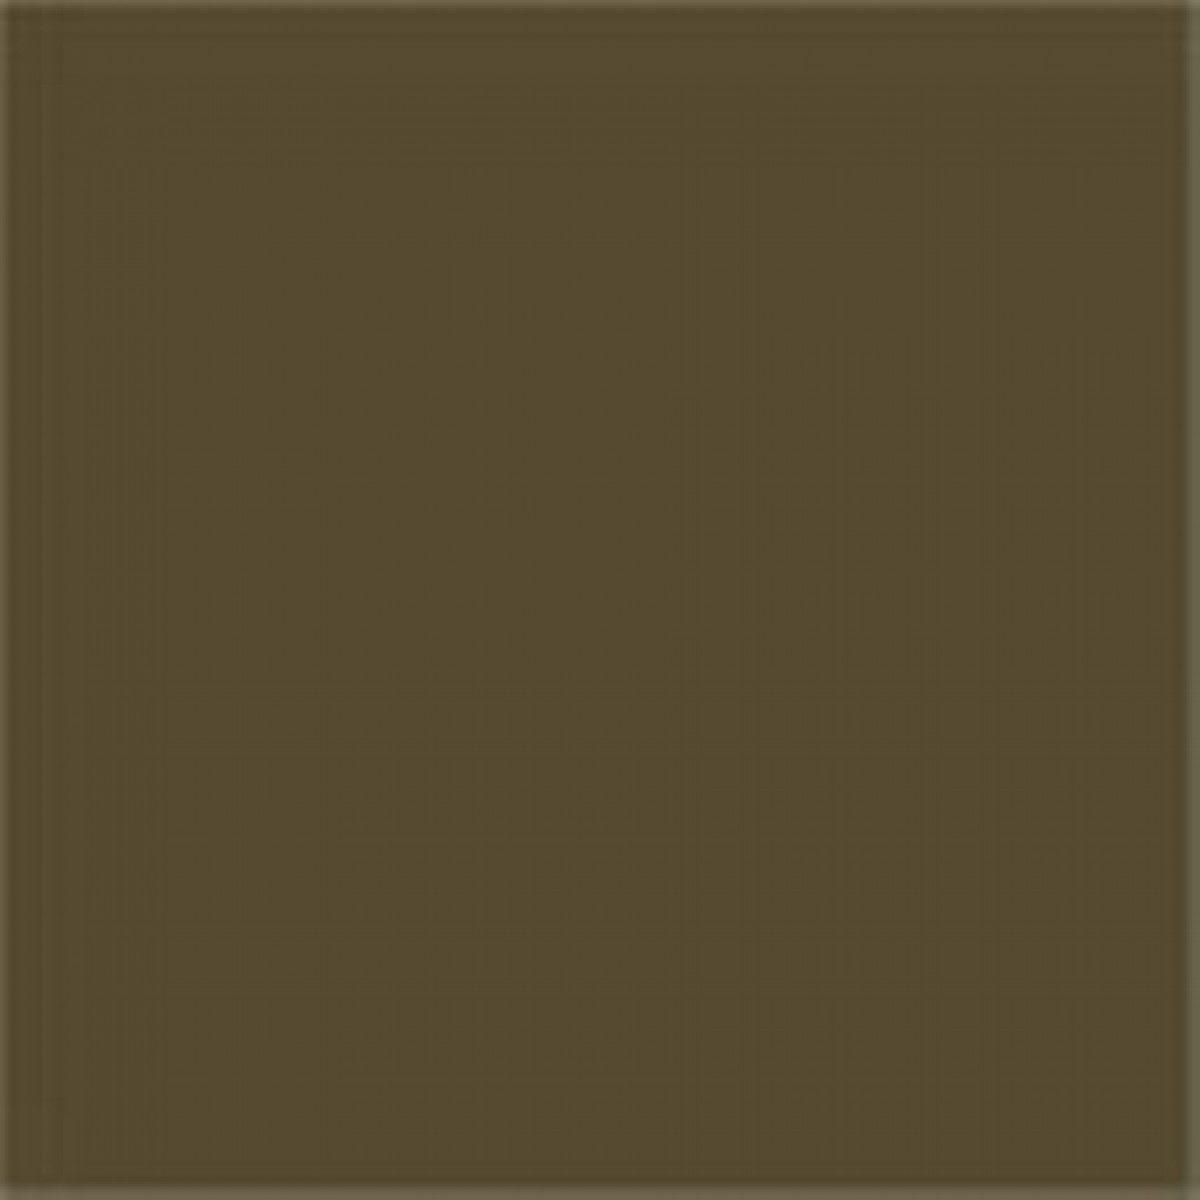 BEHR Premium Plus 8 Oz 350D 5 French Pale Gold Flat